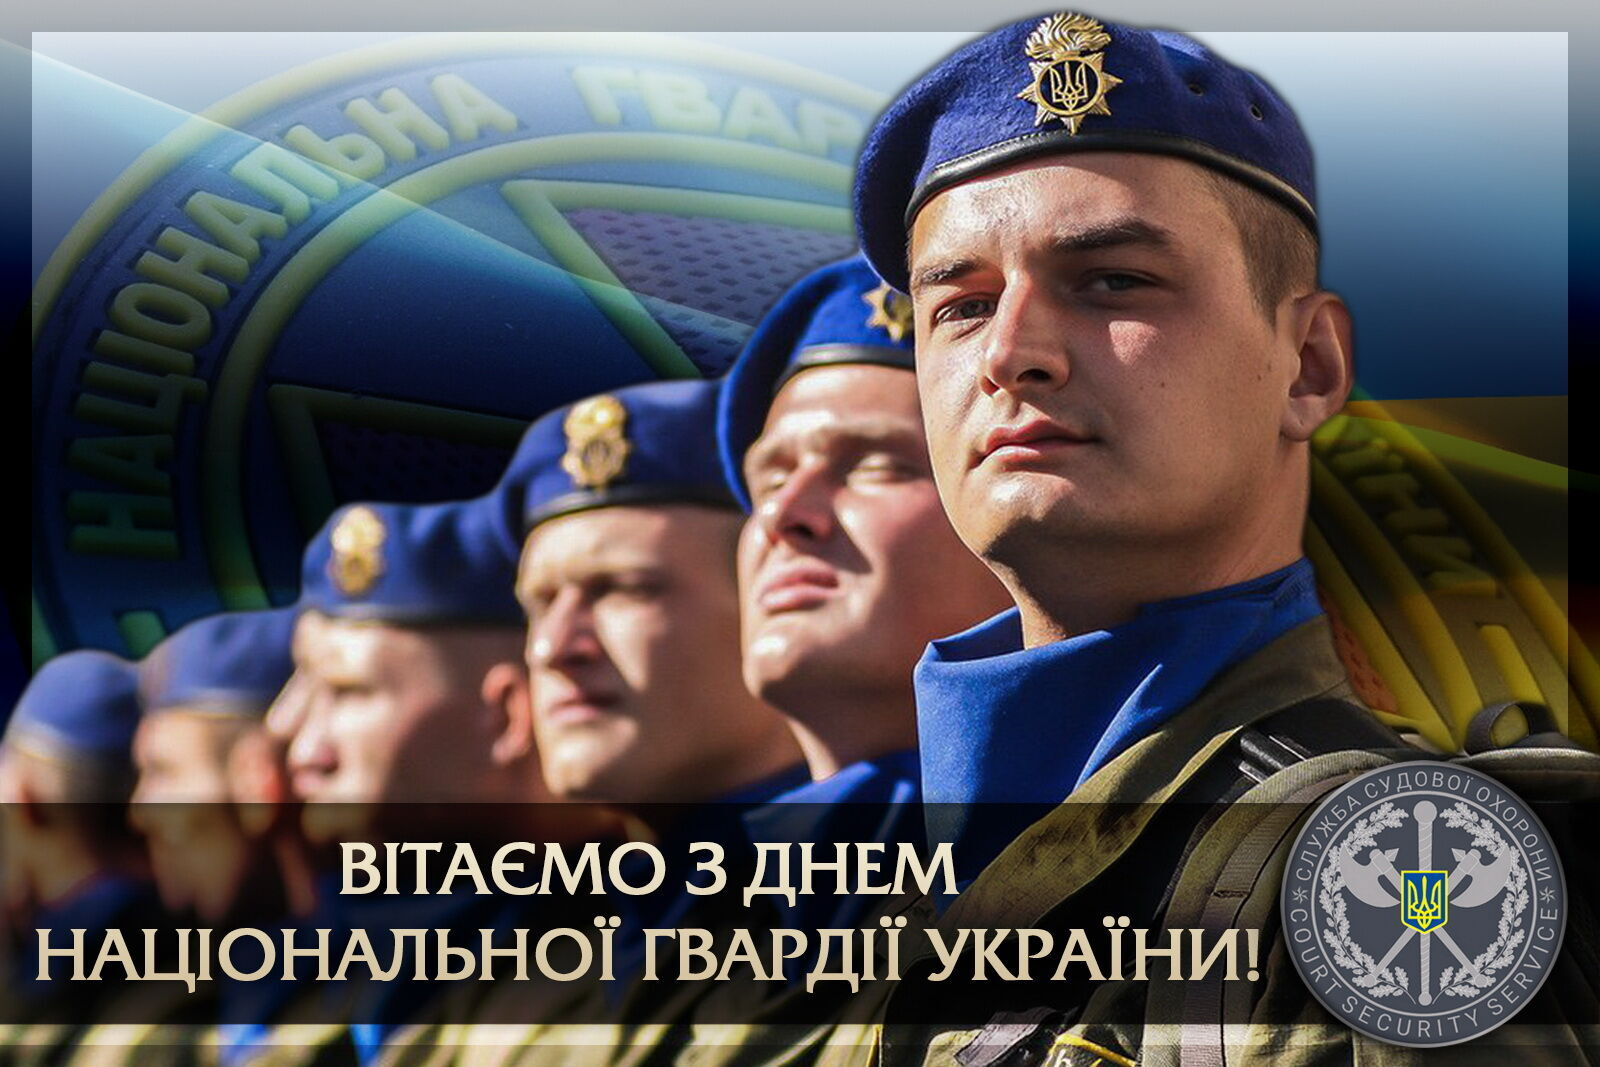 Поздравления с Днем Национальной гвардии Украины